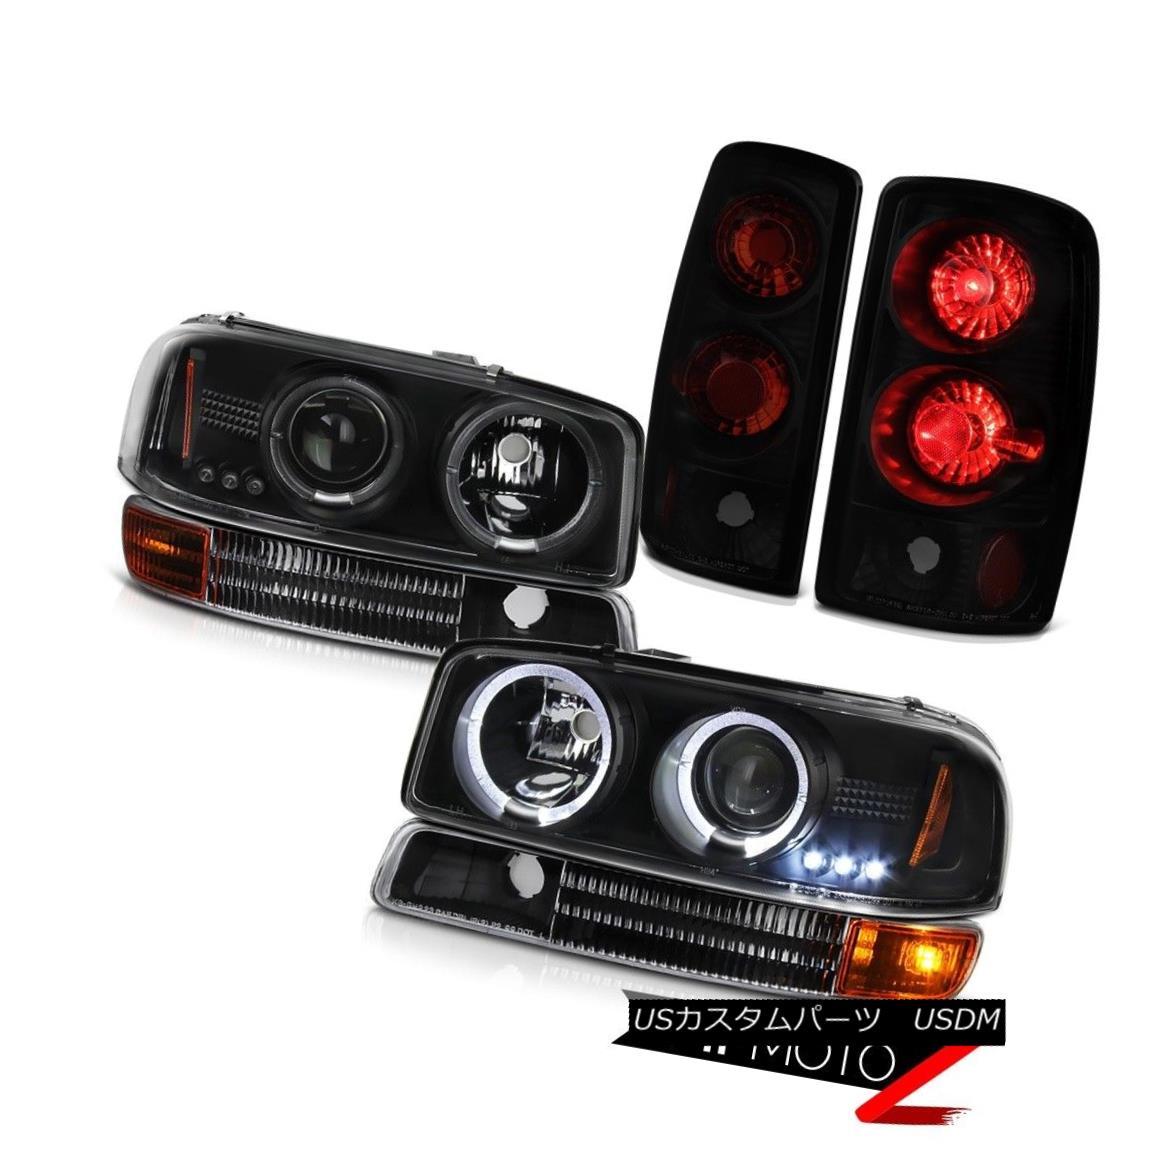 ヘッドライト Dual Halo Headlight 00-06 Yukon Front Bumper Signal Parking Black Smoke Taillamp デュアルヘイローヘッドライト00-06ユーコンフロントバンパーシグナルパーキングブラックスモークタイランプ